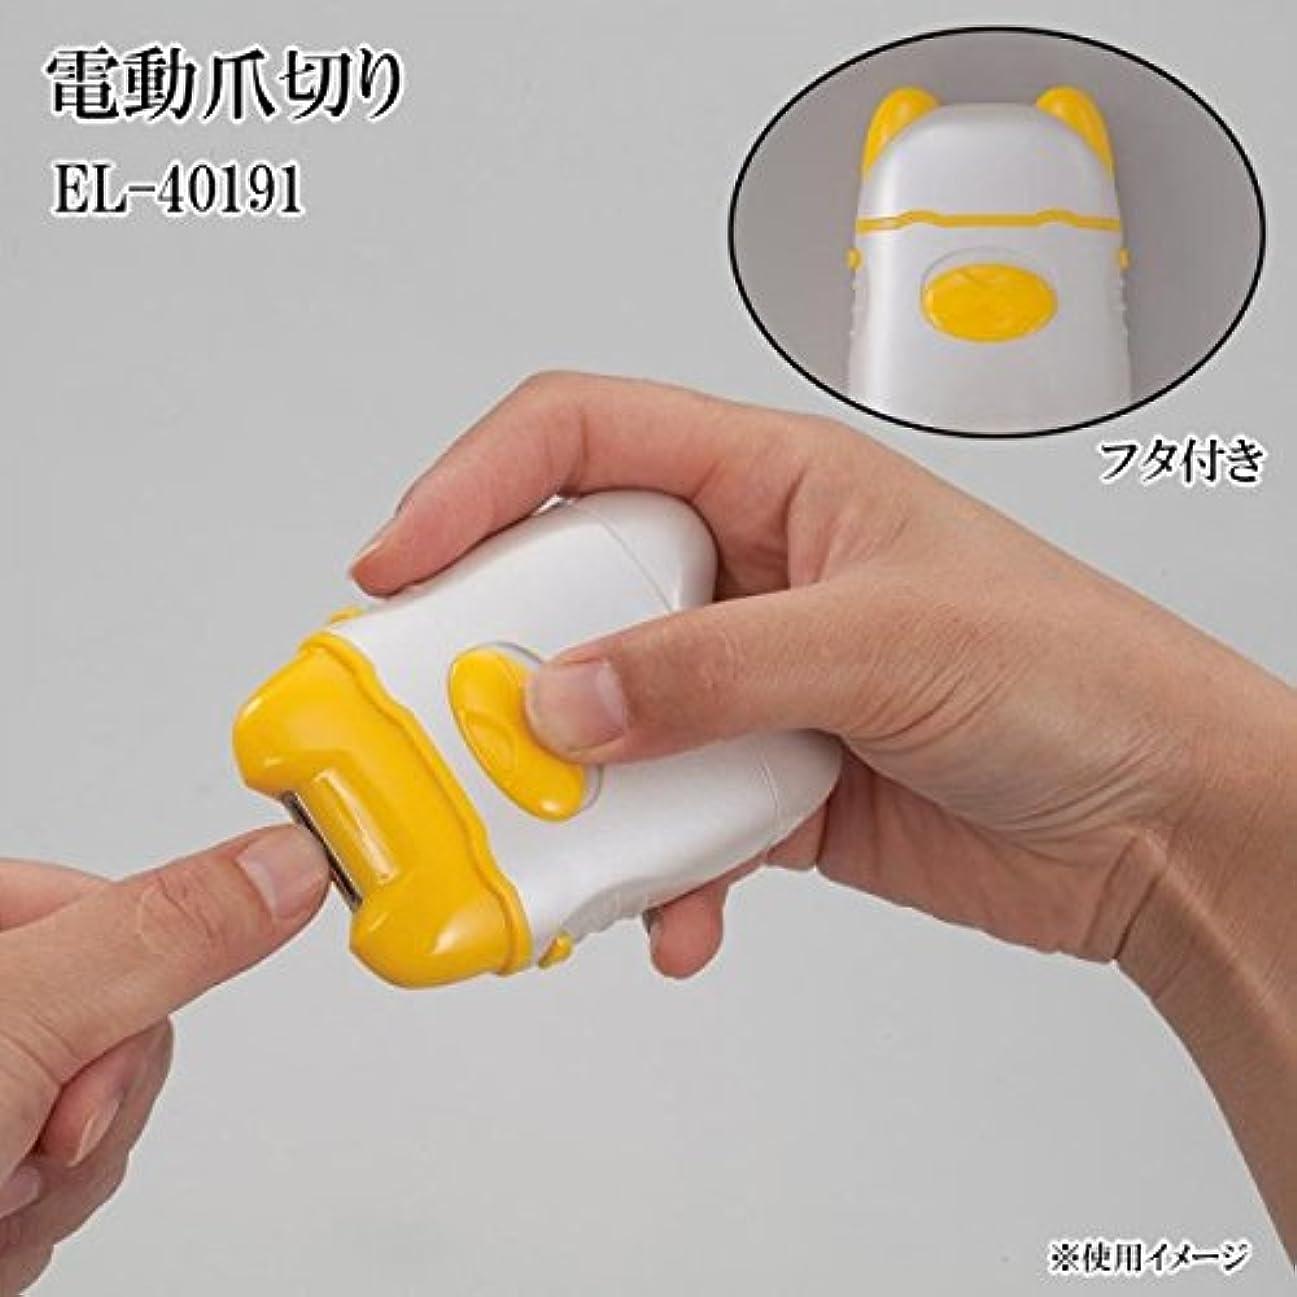 受粉する高める知り合いになる電動爪切り EL-40191 【人気 おすすめ 】